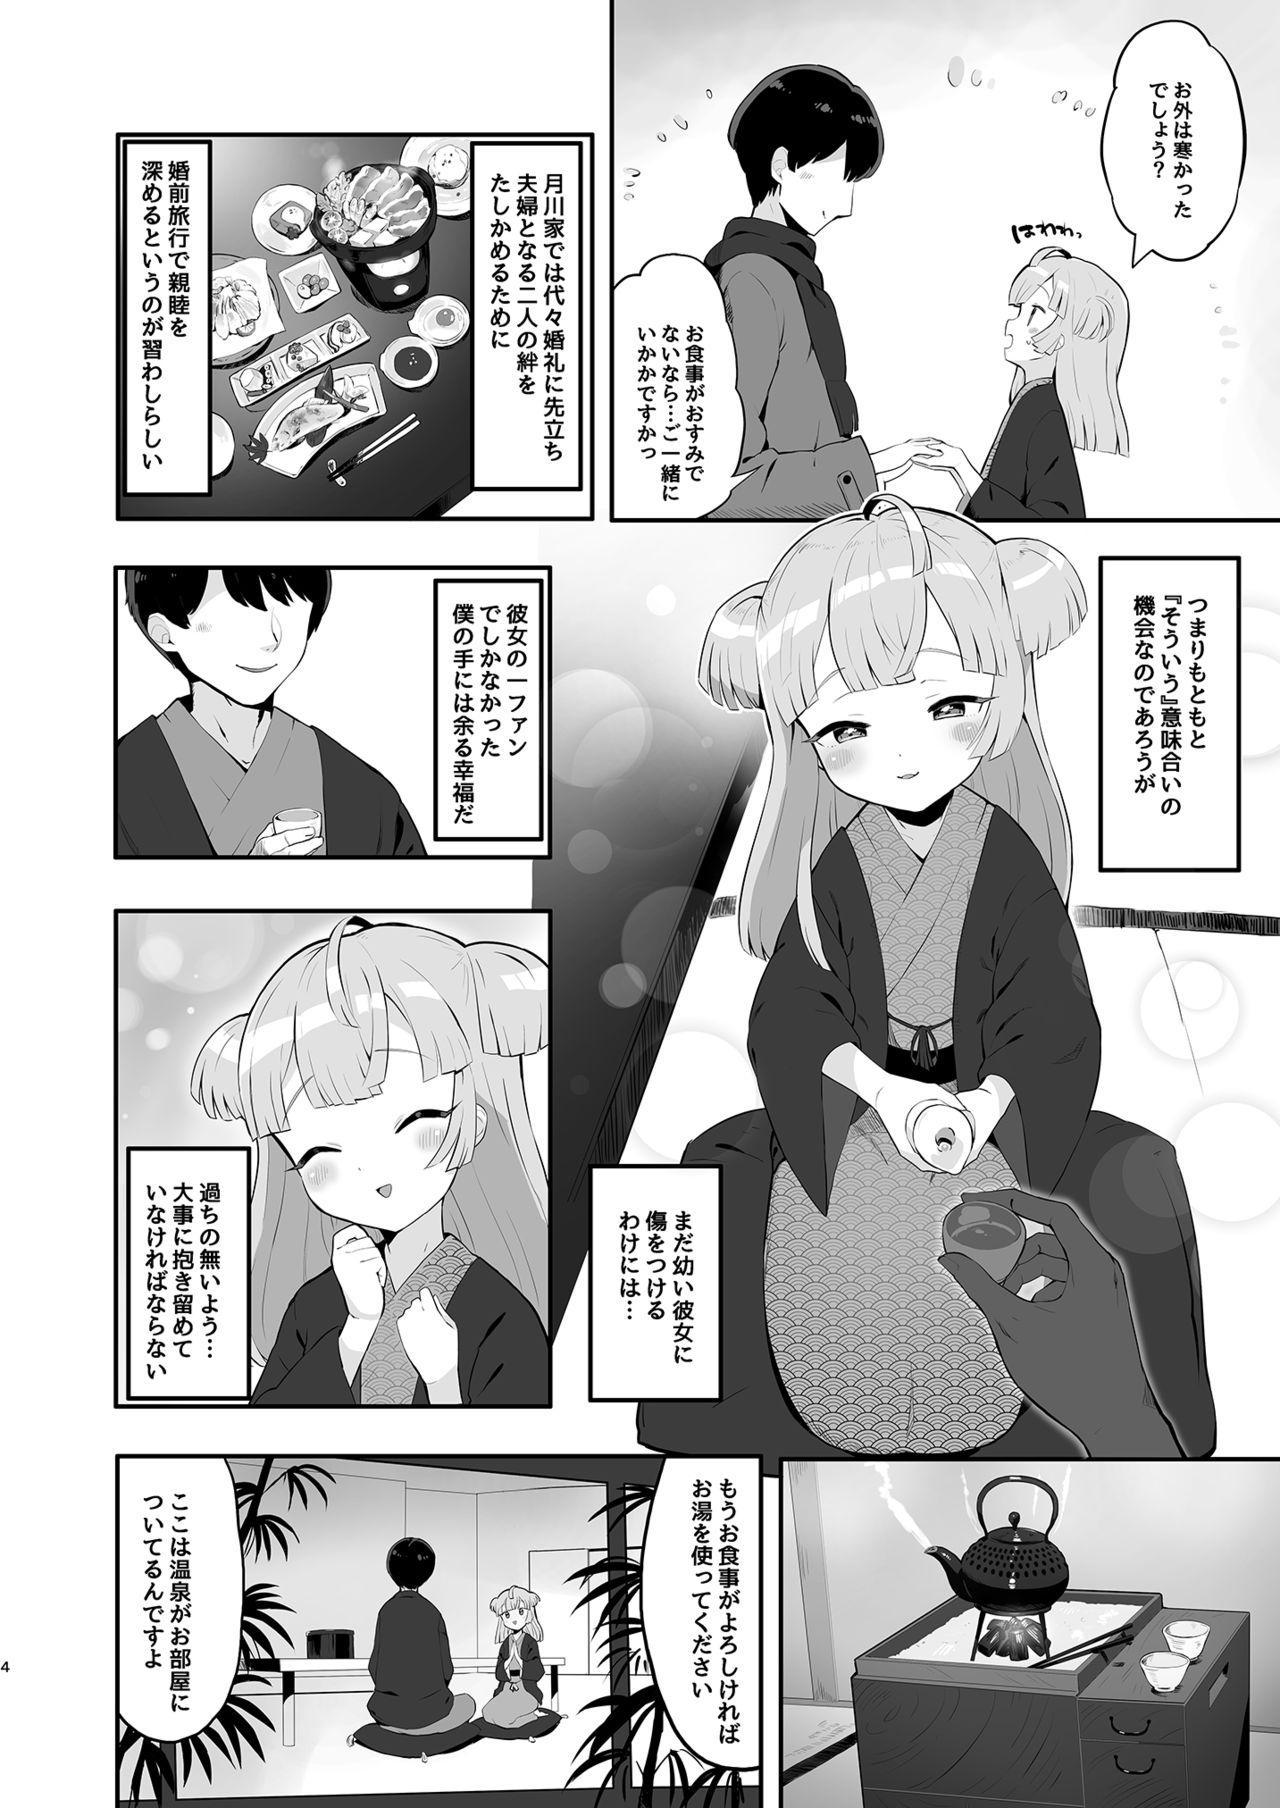 Tsukigawa Chiri to Konzen Ryokou 3